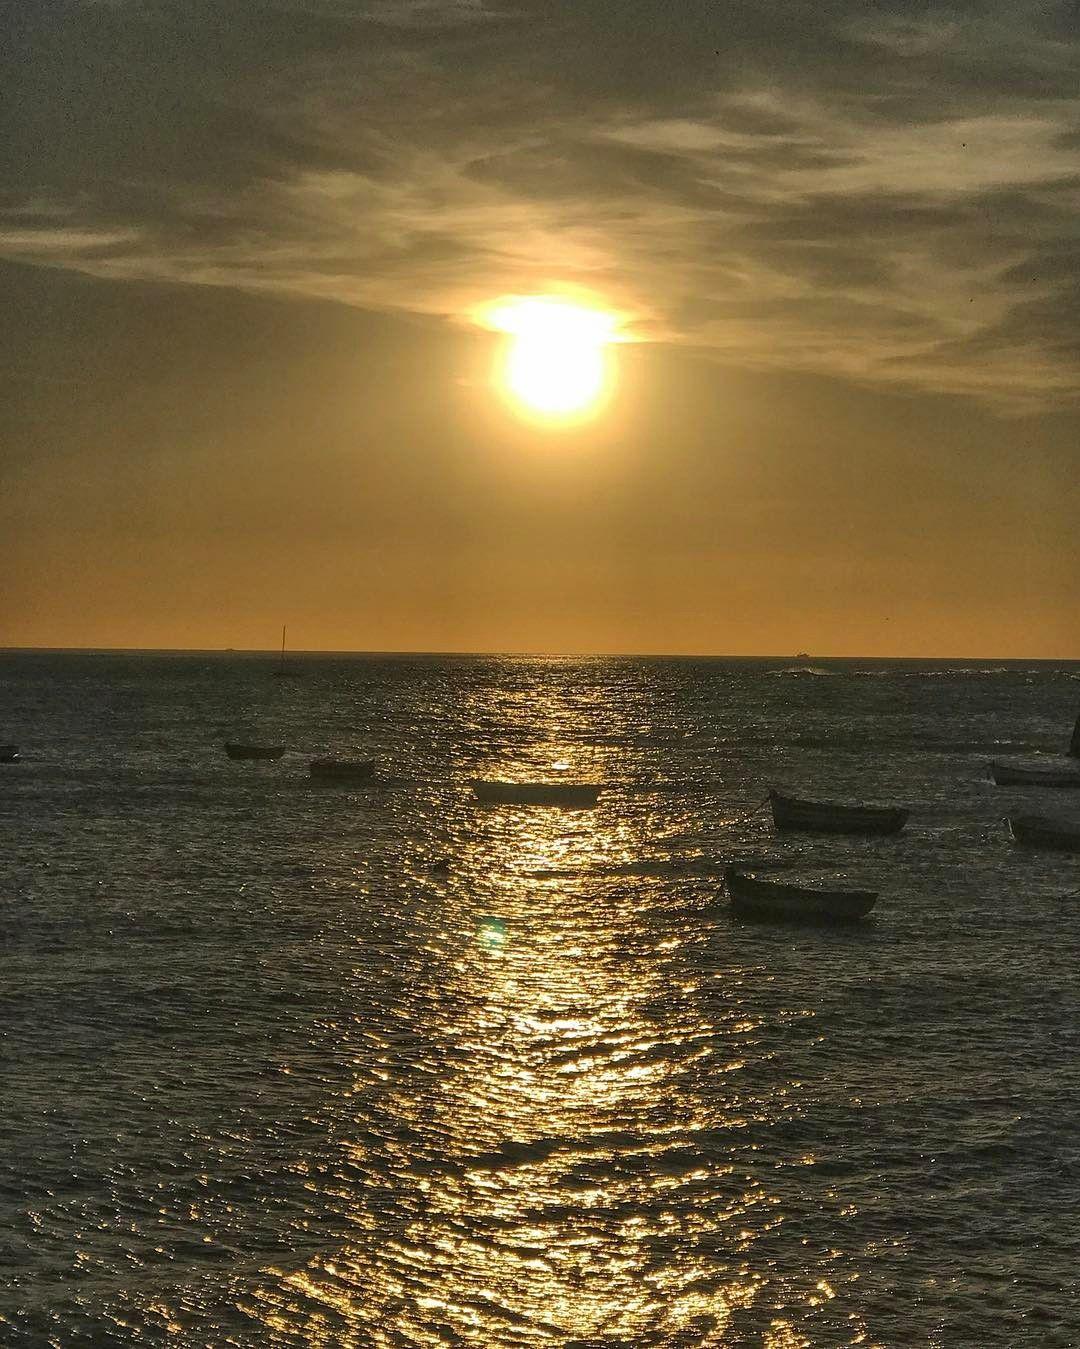 Bonito Vivir Cerca Del Mar Y Contemplar Cientos De Atardeceres Dónde Has Visto Un Sunset Inolvidable Cadizm Instagram Instagram Pictures Instagram Posts